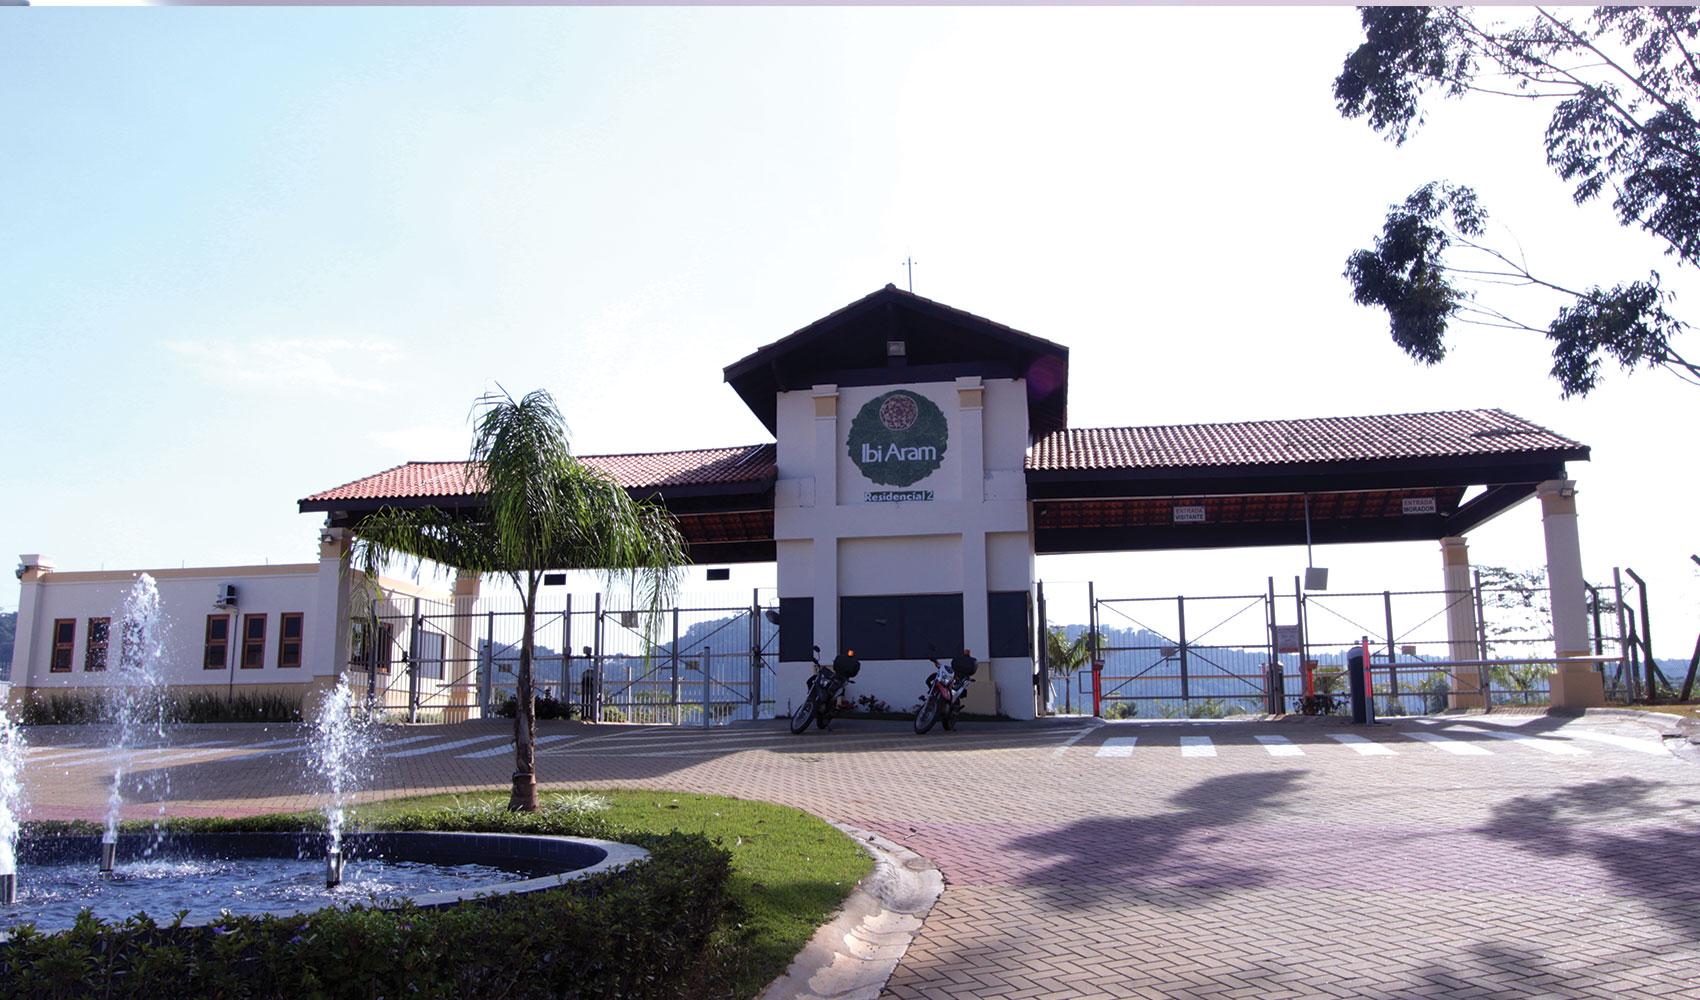 Conheça o Condomínio Ibi Aram 2 em Itupeva